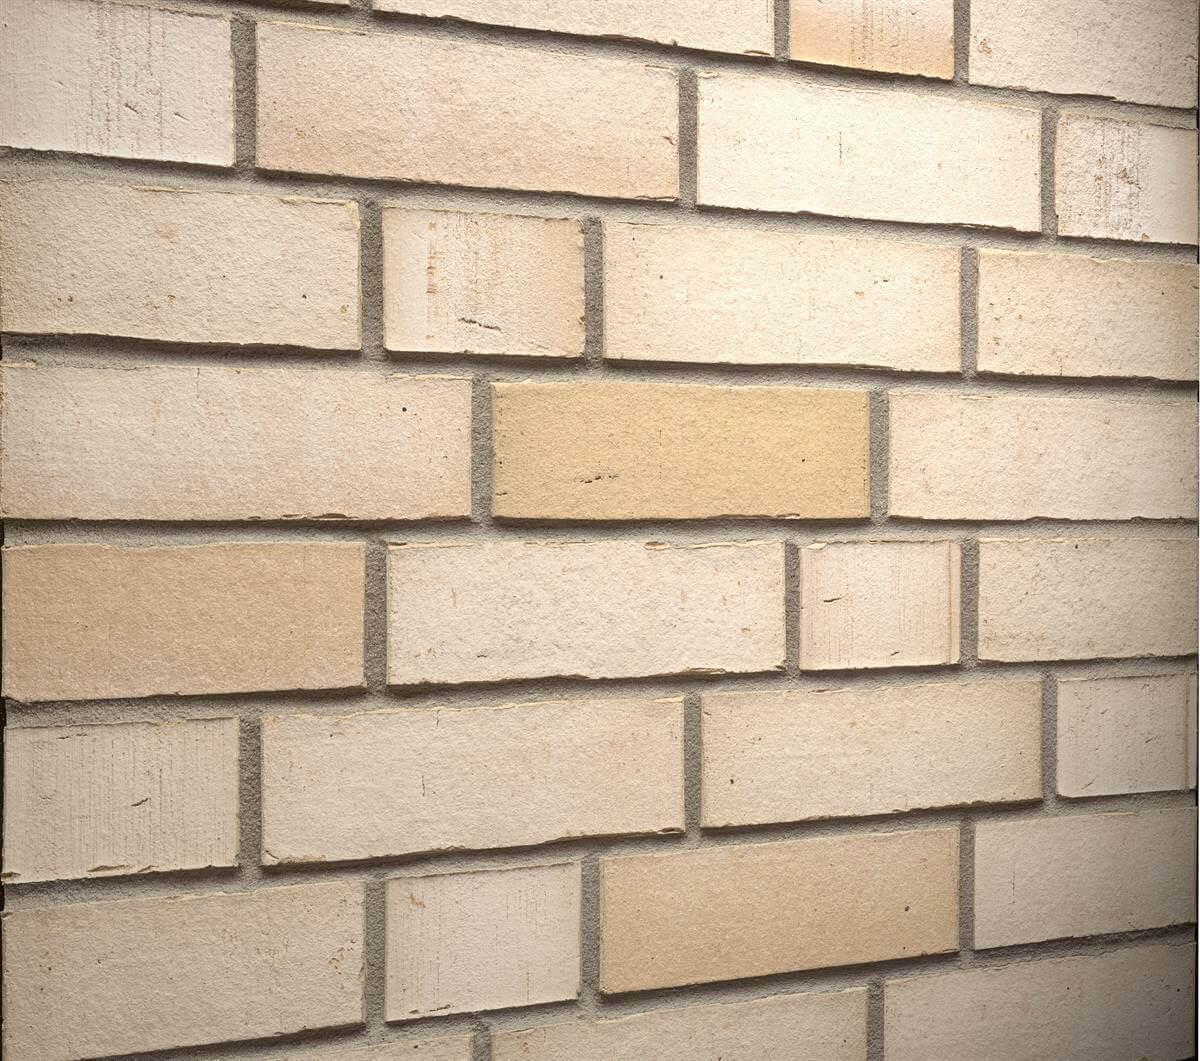 Feldhaus Klinker - R911NF14, Vario Crema Albula, 240х71х14 - Клинкерная плитка для фасада и внутренней отделки